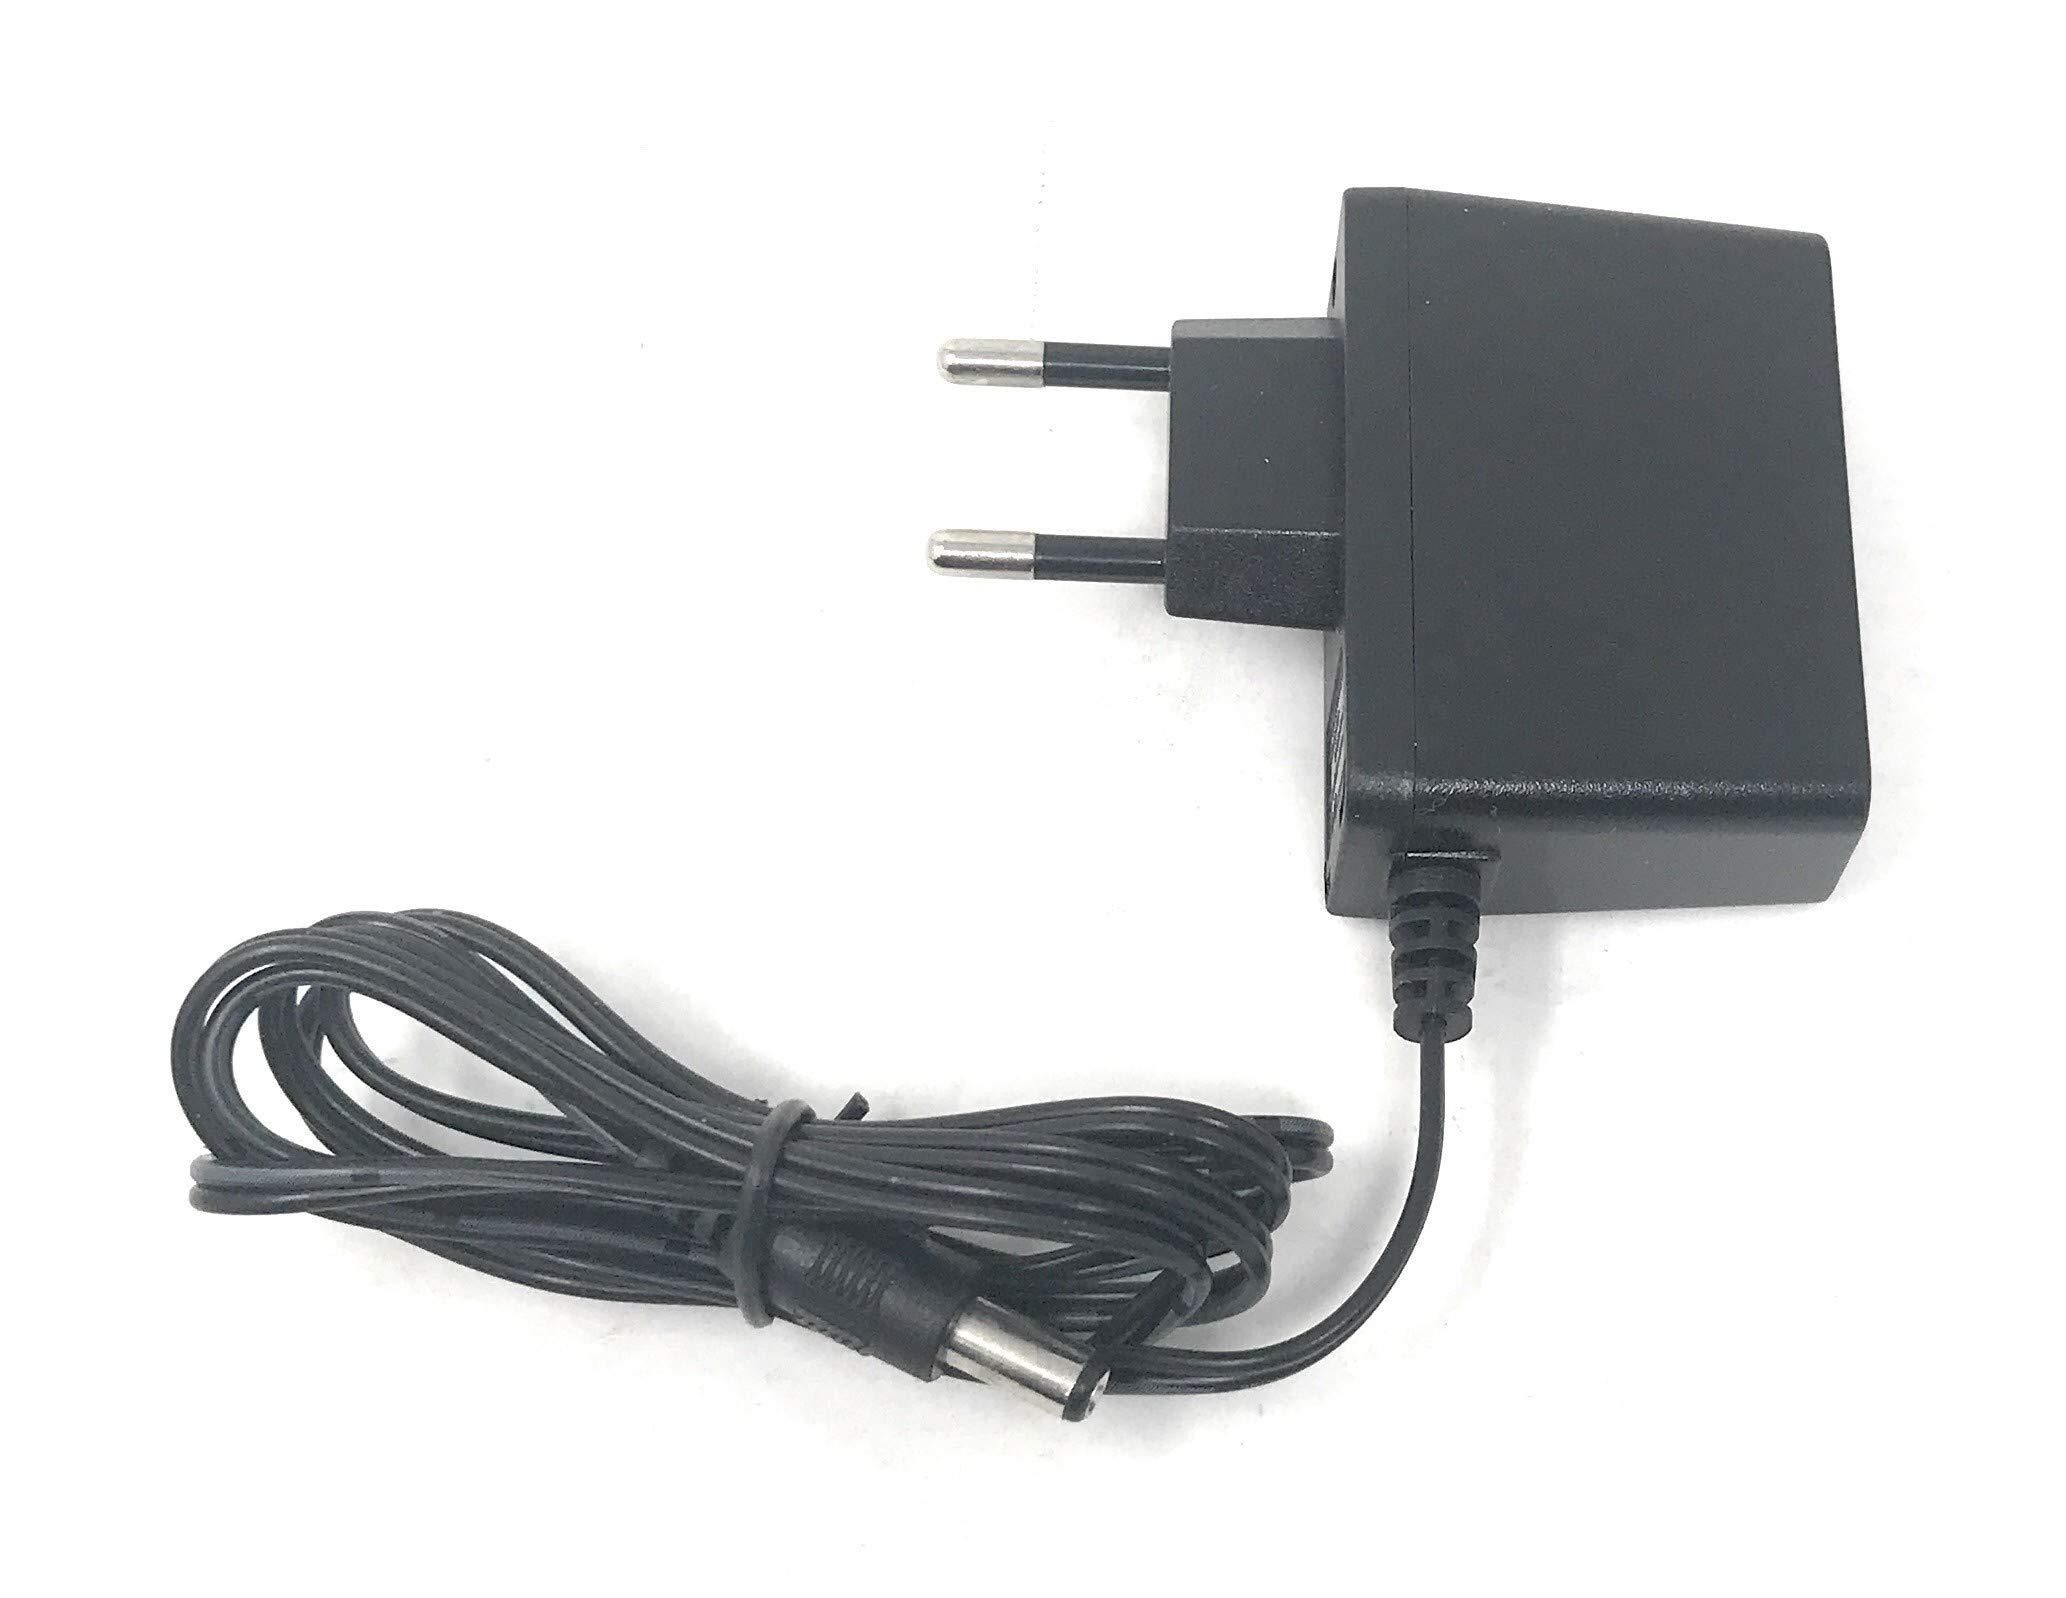 Tiempo de soldadura, adaptador convertidor para TV con toma hembra de euroconector compuesto a HDMI 1080P: Amazon.es: Electrónica